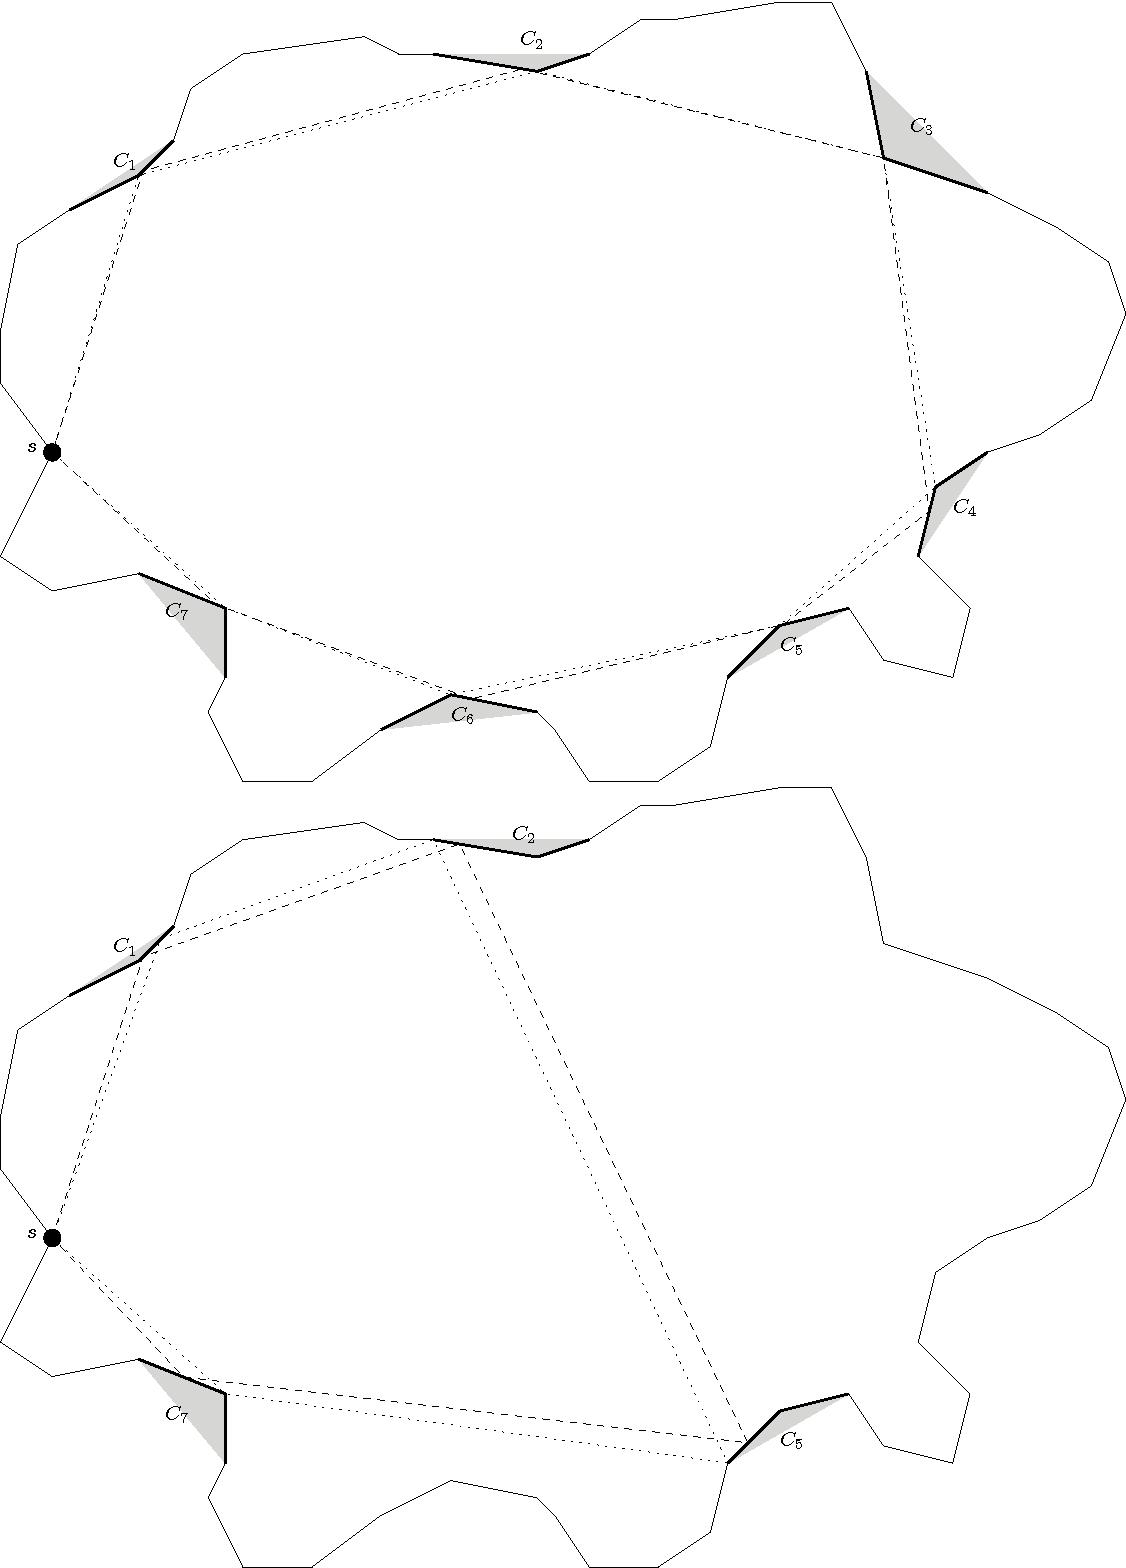 Figure 10: Zoo 1